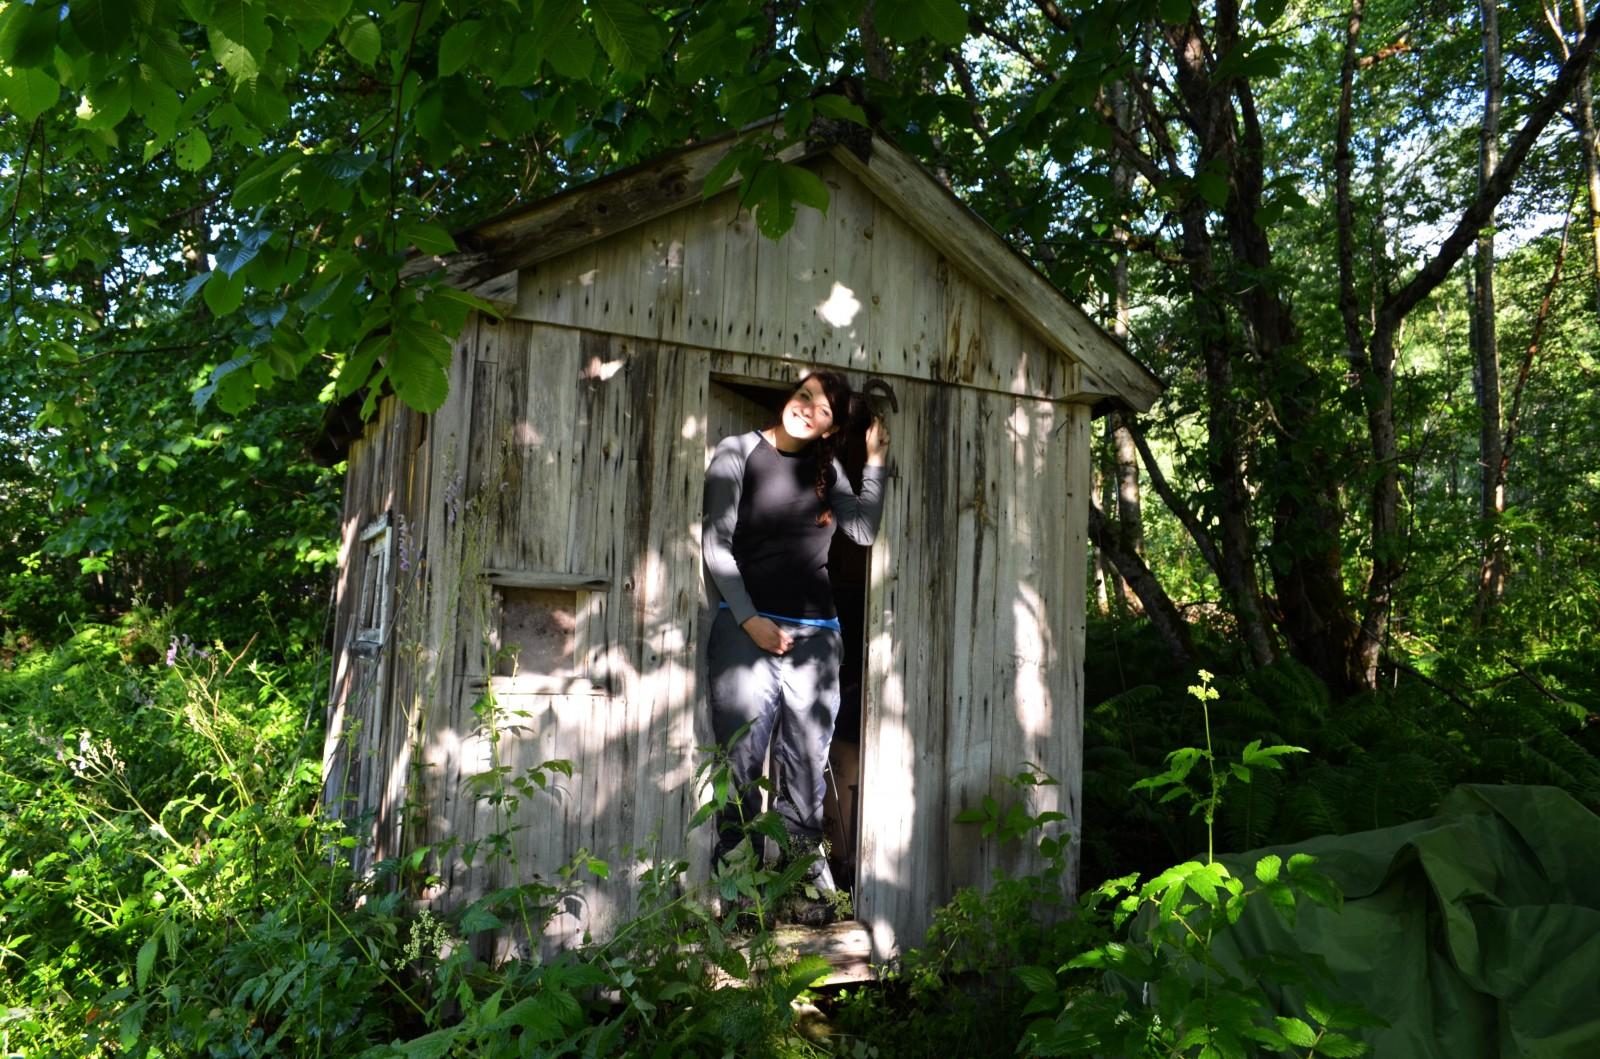 Tahle plesnivá bouda nás den předtím zachránila před deštěmi. Na poličce plechovka od coly r.2002, náboje a na posteli citronek, několik let stary :D Raději jsme uvnitř spali ve stanu :D